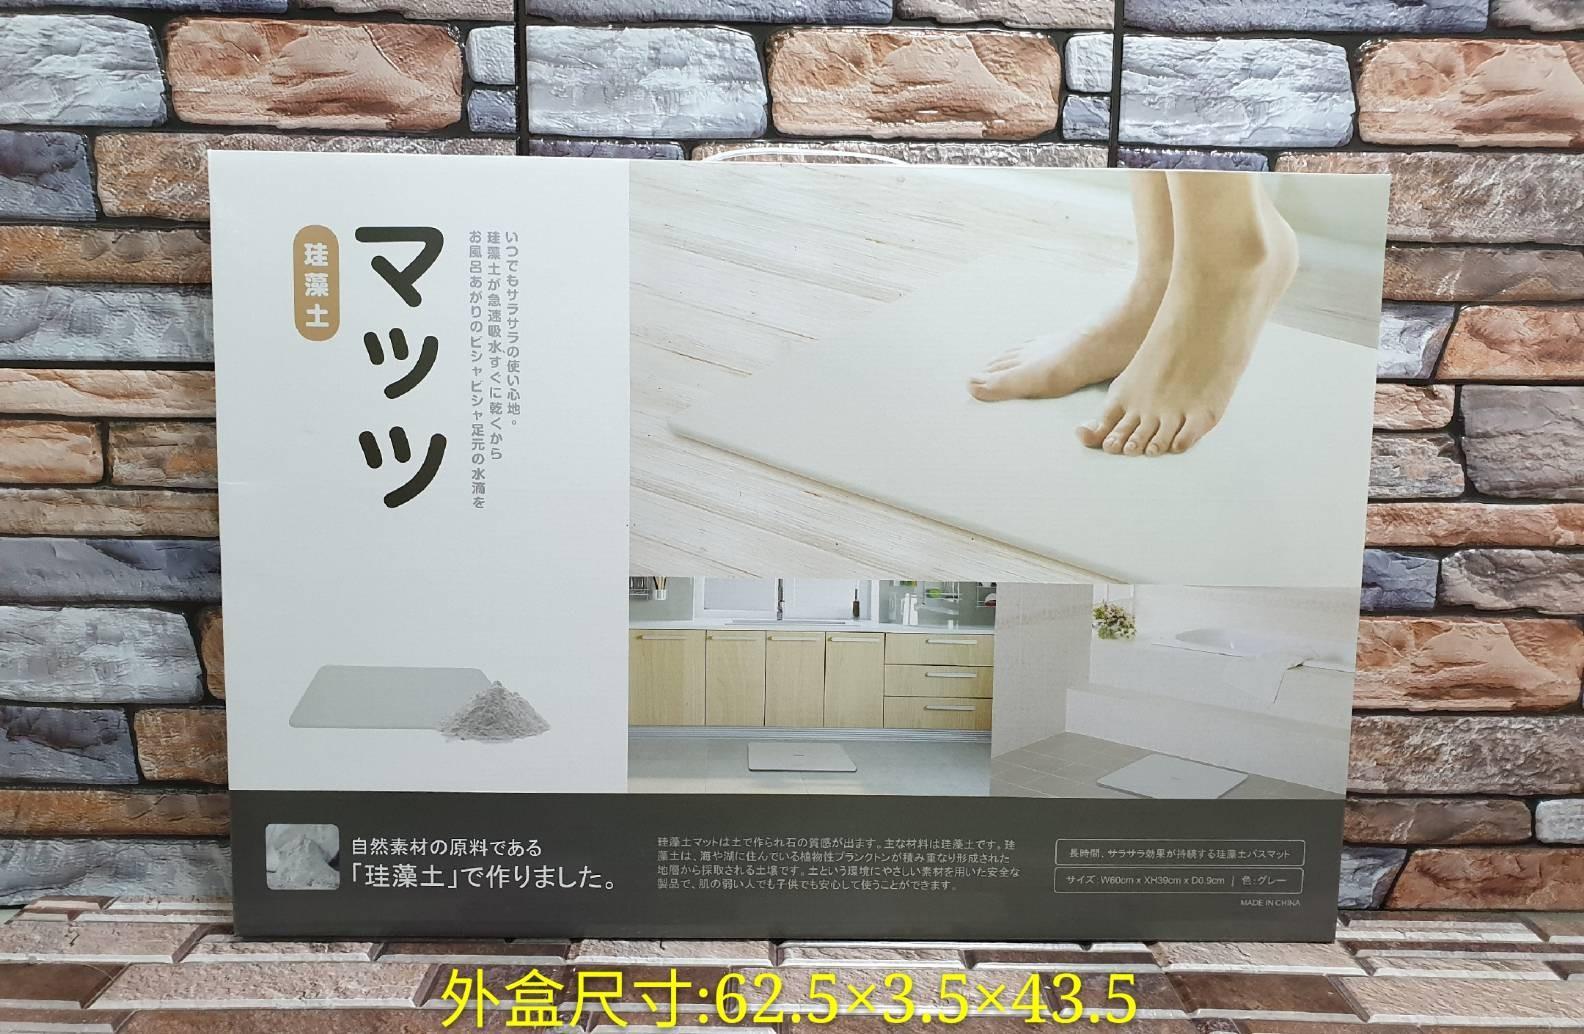 硅藻土地墊 吸水地墊 吸水腳墊 浴室腳踏墊 強力吸水 防潮防滑